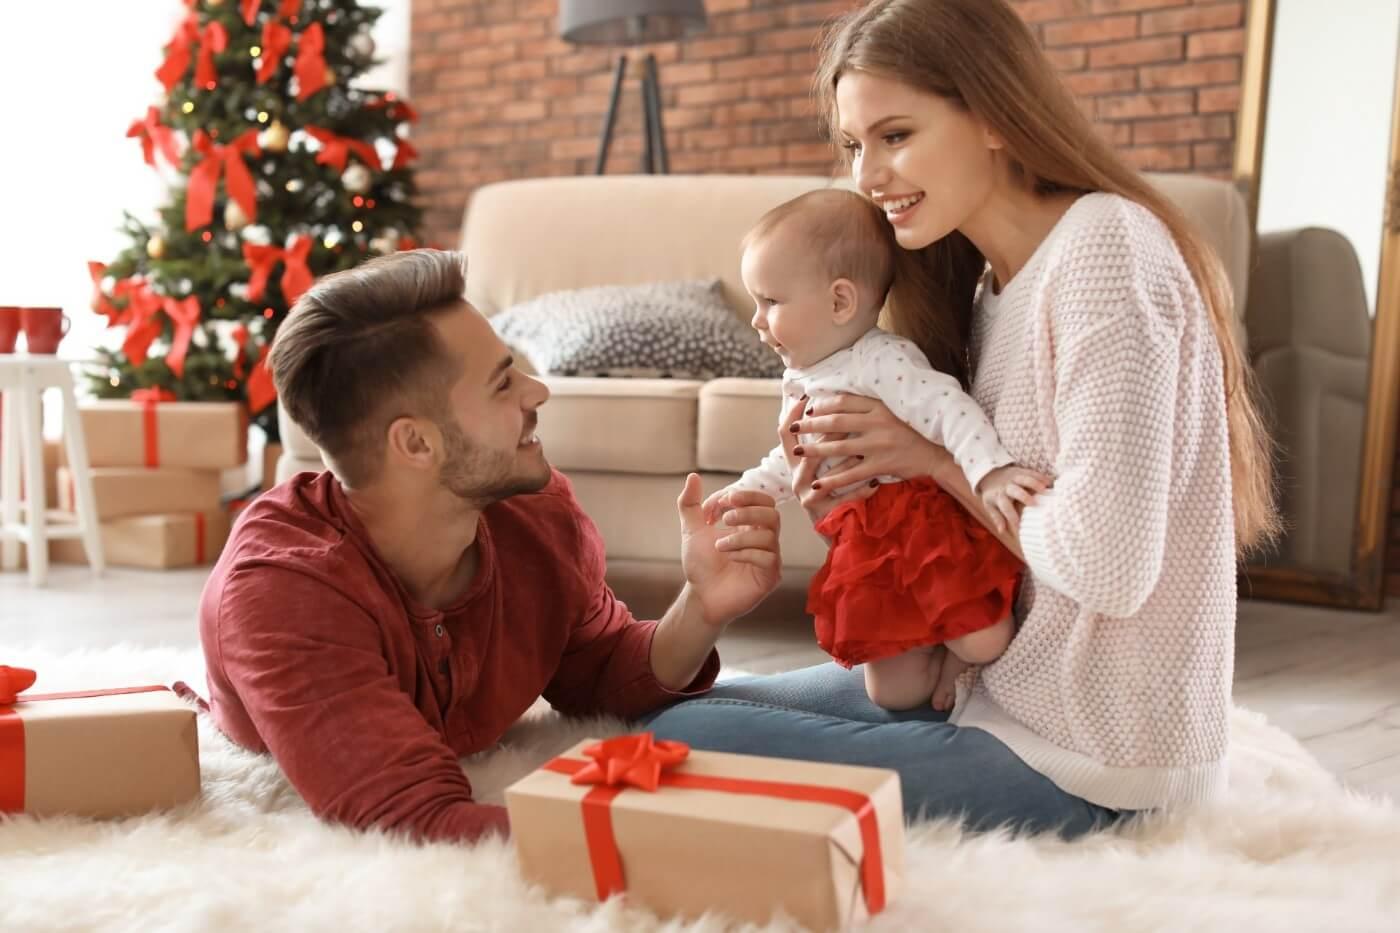 padres abriendo regalos de navidad con su bebé recién nacido